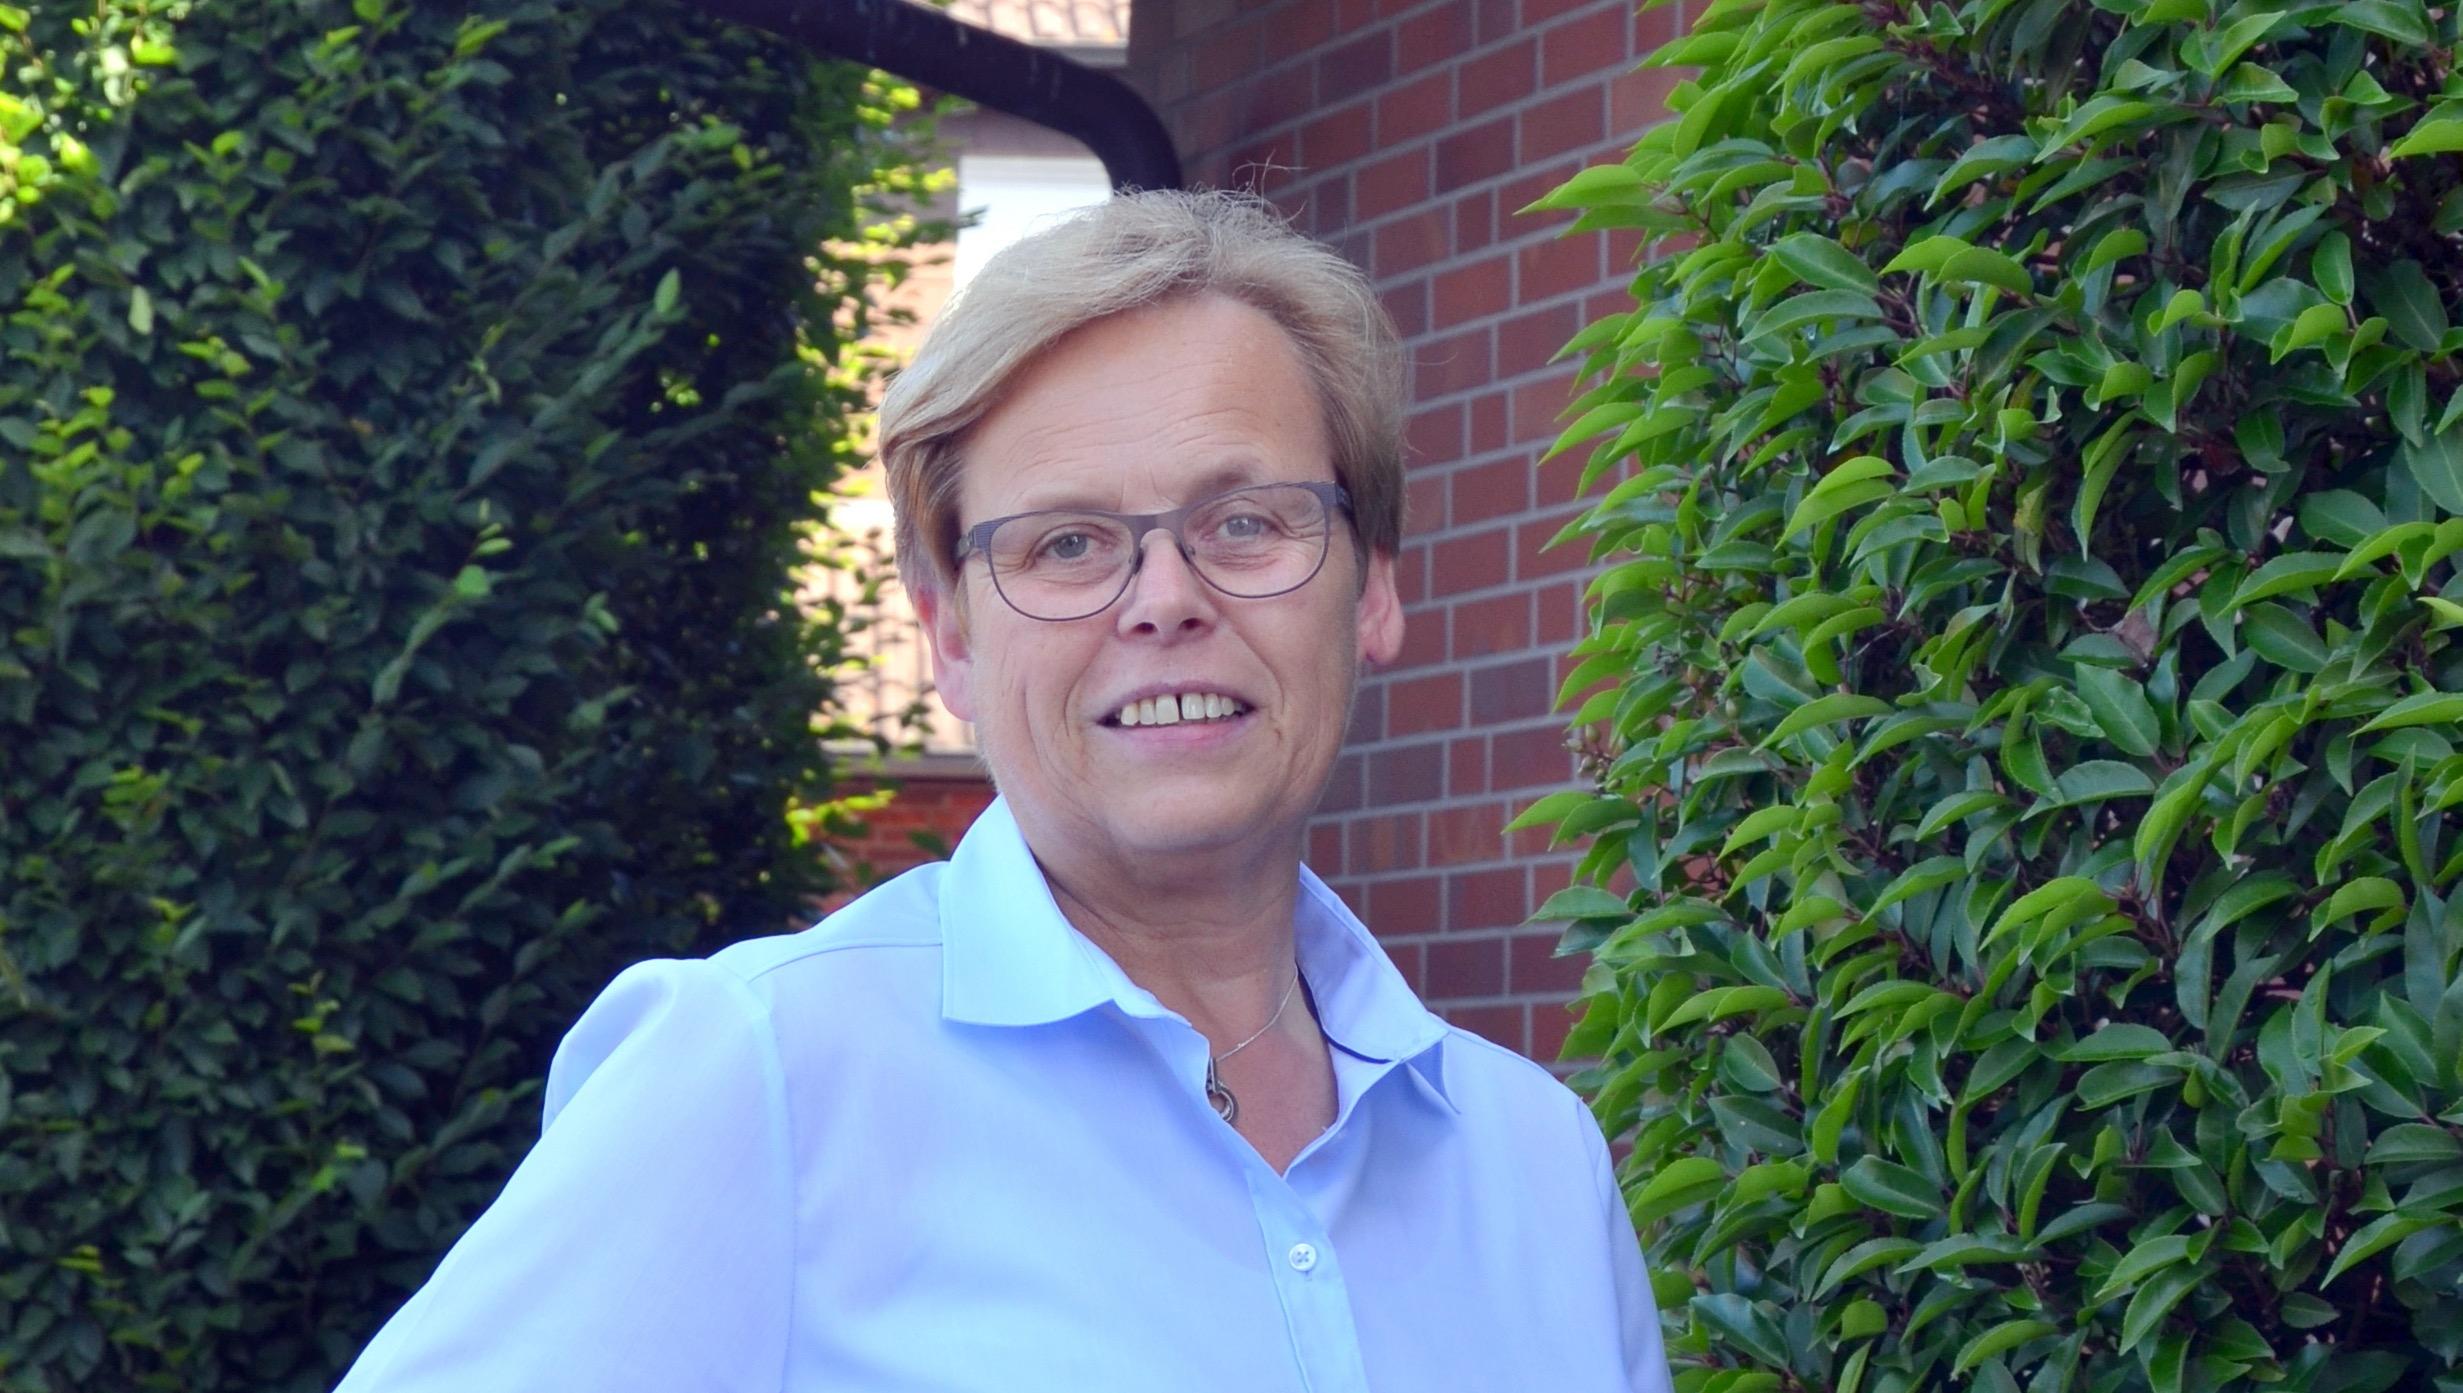 Irmgard Wüst